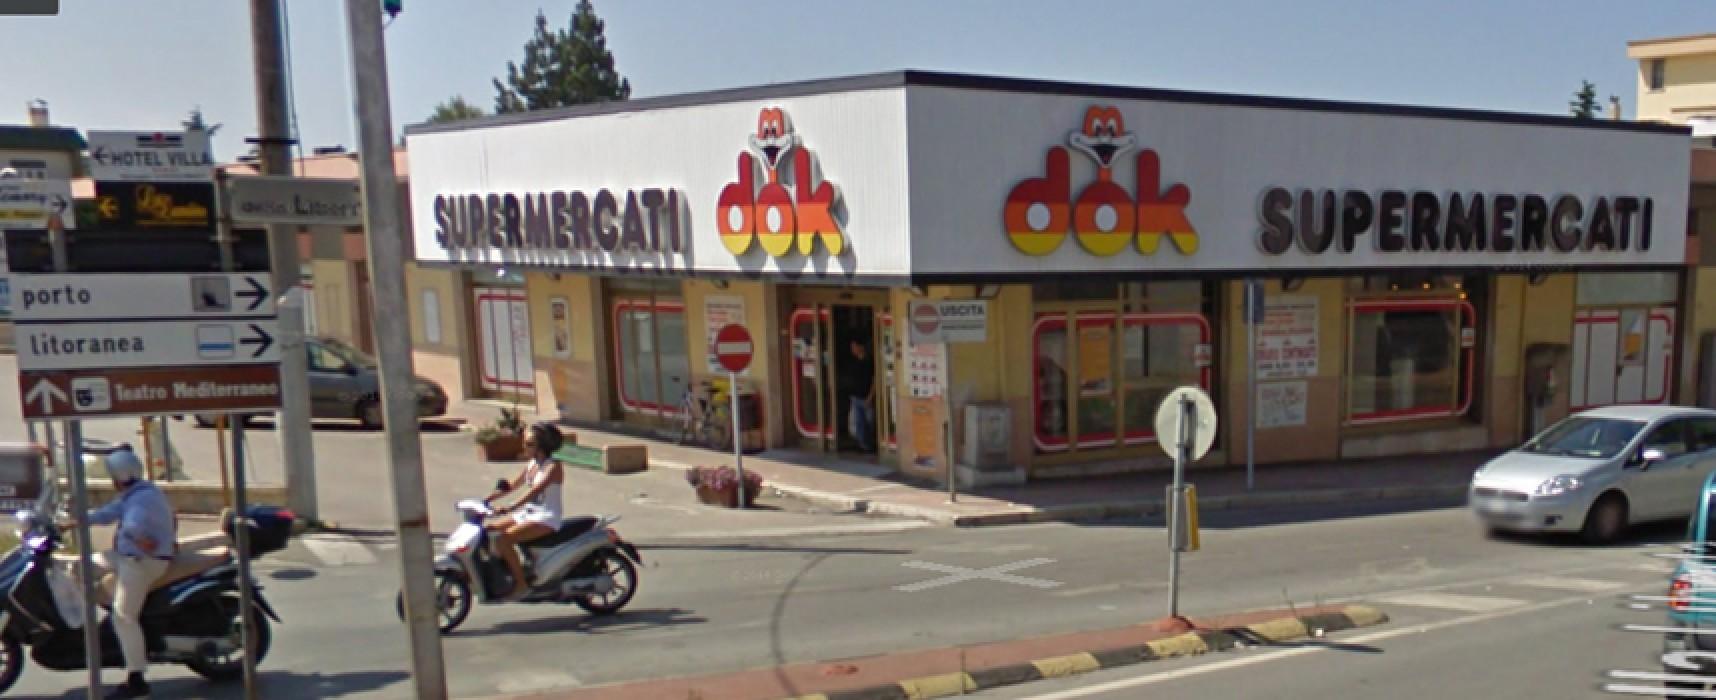 Rapina alla Dok in via della Libertà, il ladro è fuggito in bicicletta dopo il colpo